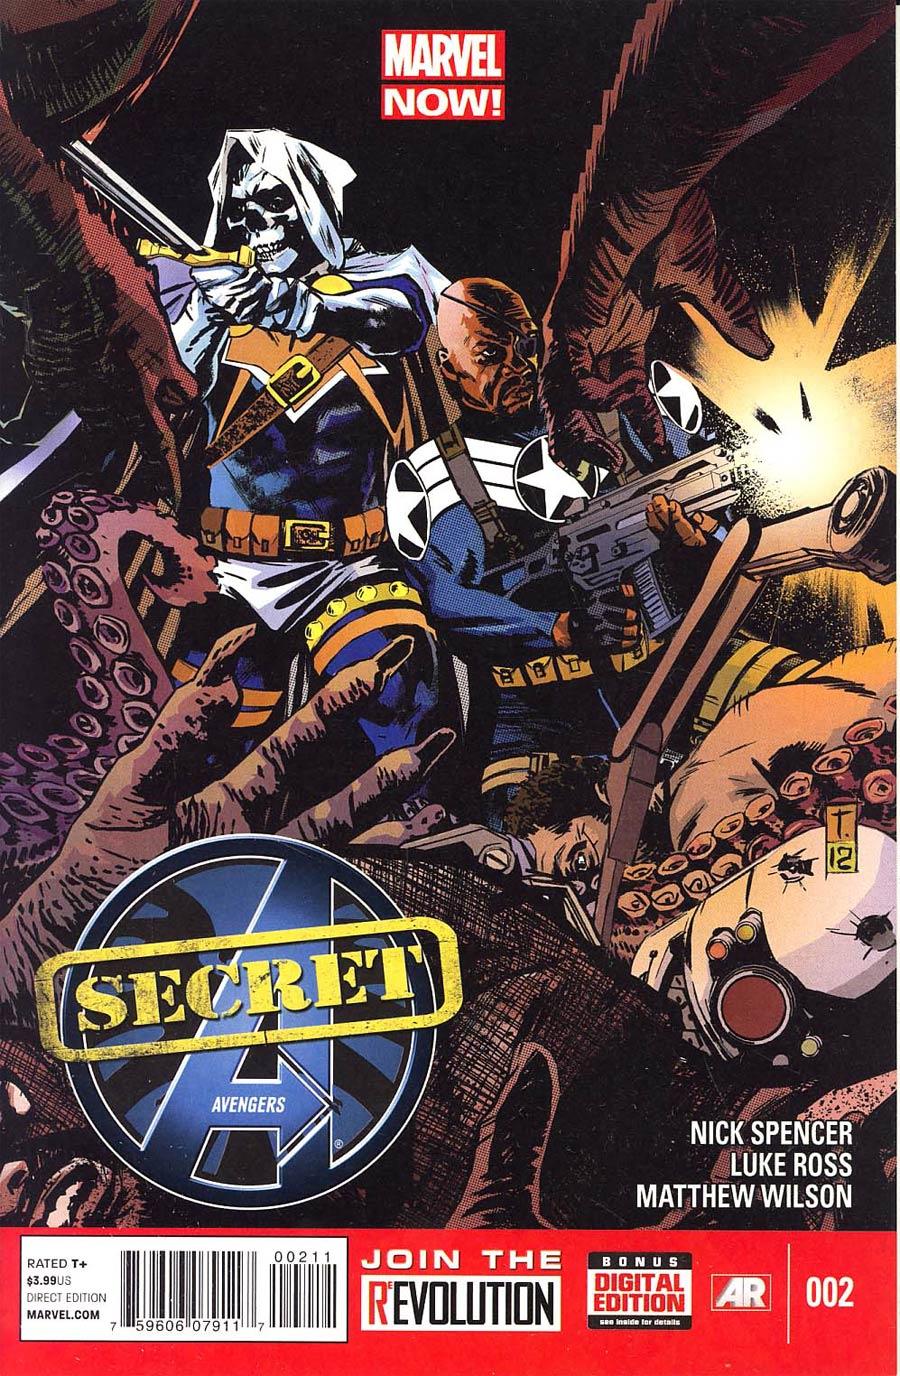 Secret Avengers Vol 2 #2 Regular Tomm Coker Cover